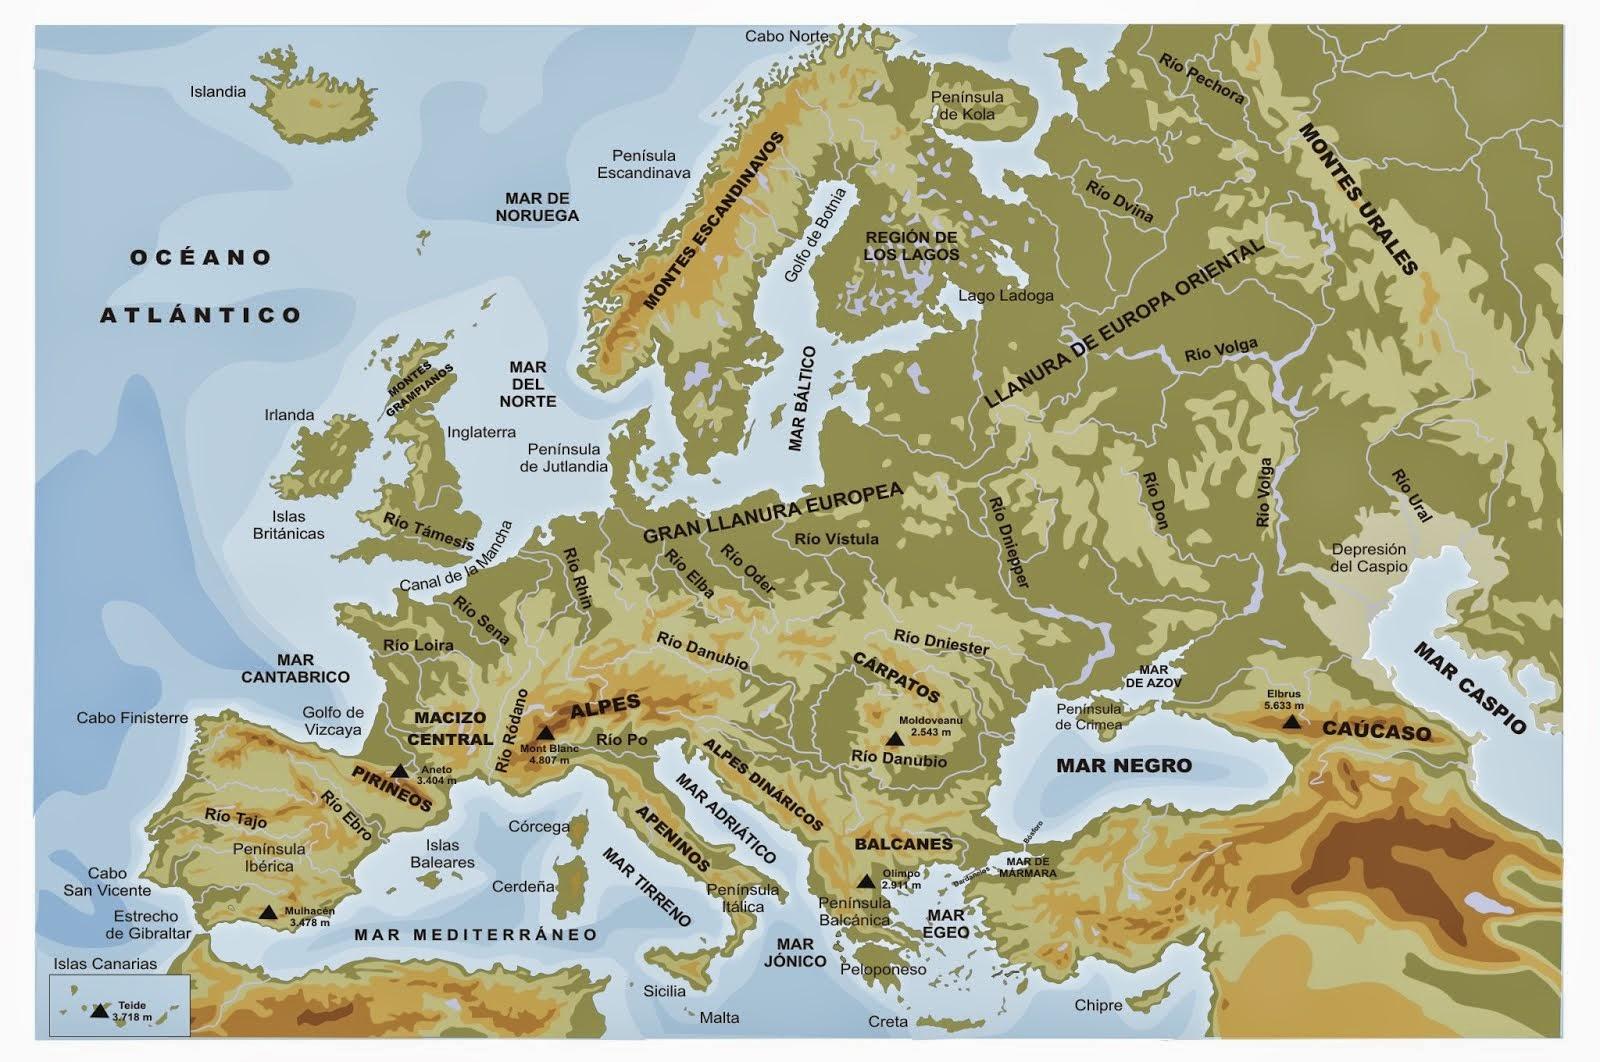 Mars i oceans d'Europa